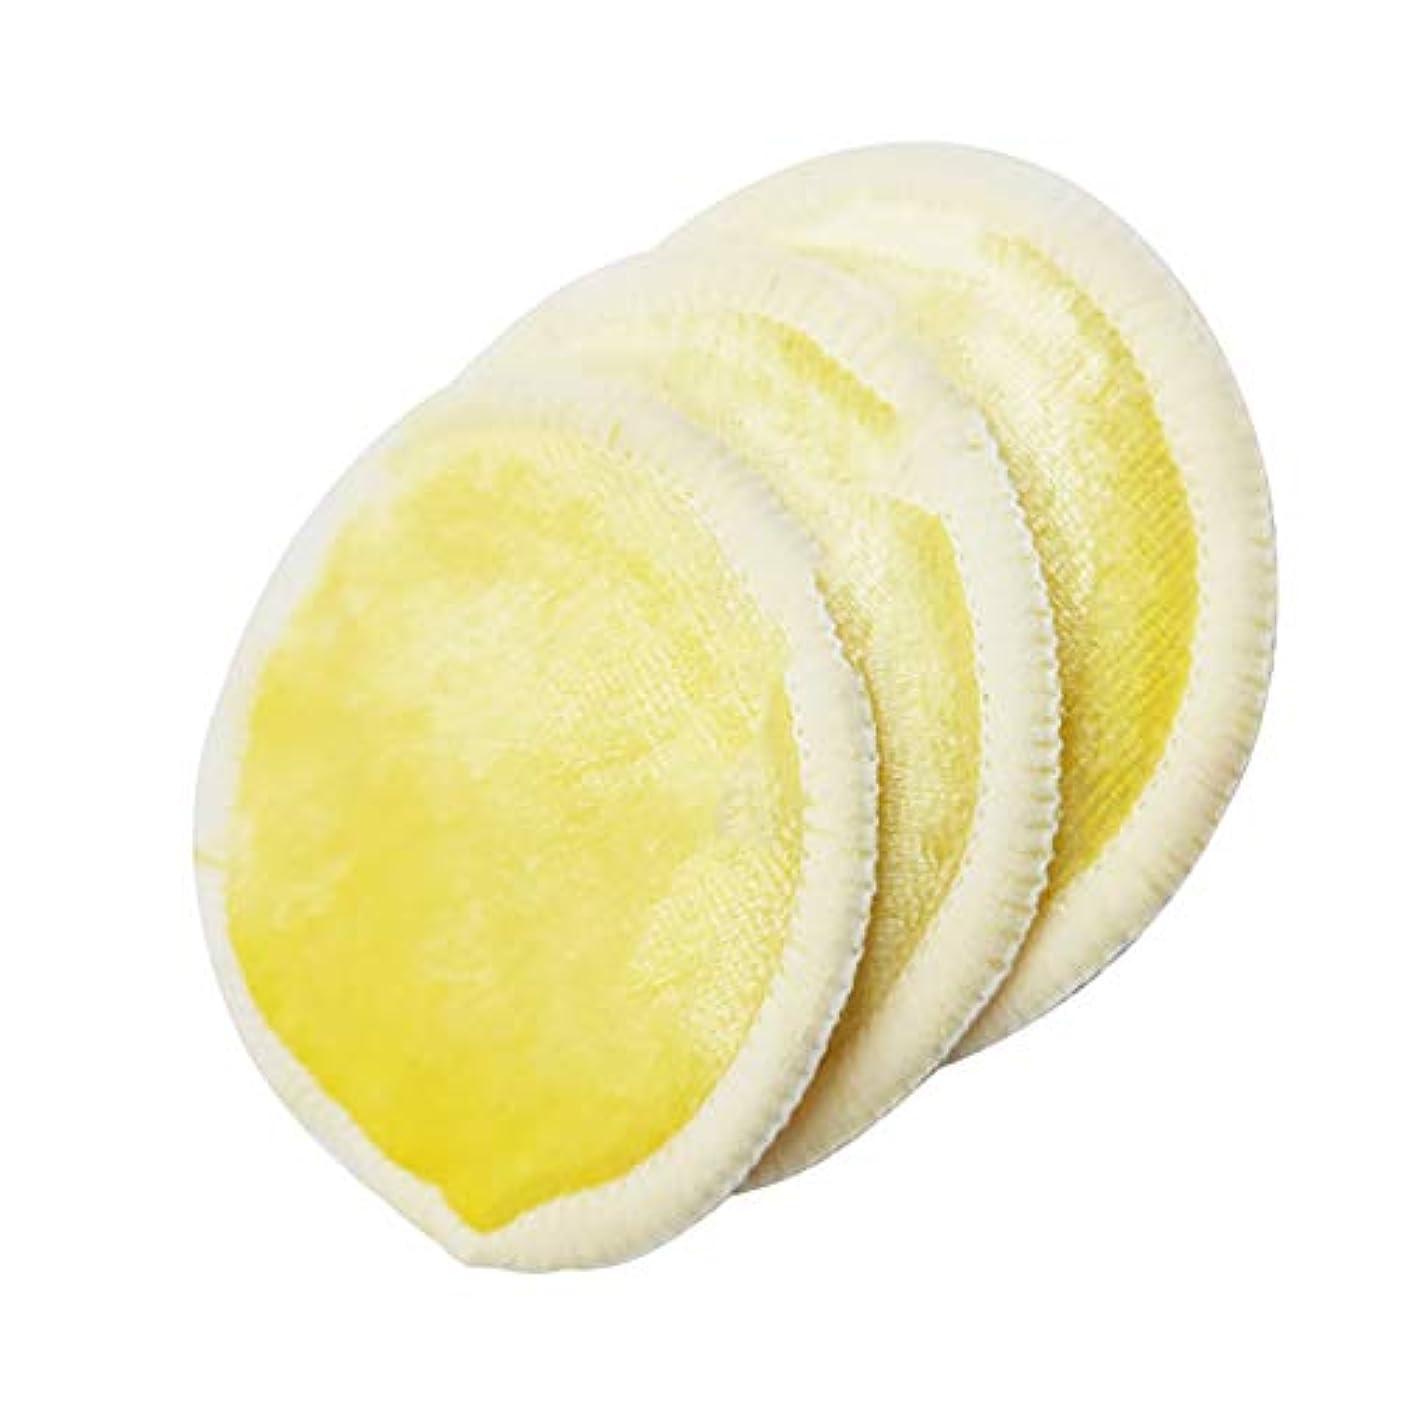 ラテン気分が良いリッチ竹繊維の綿を洗い流し、綿の再利用可能なスーパーソフト肌3セット(黄色)